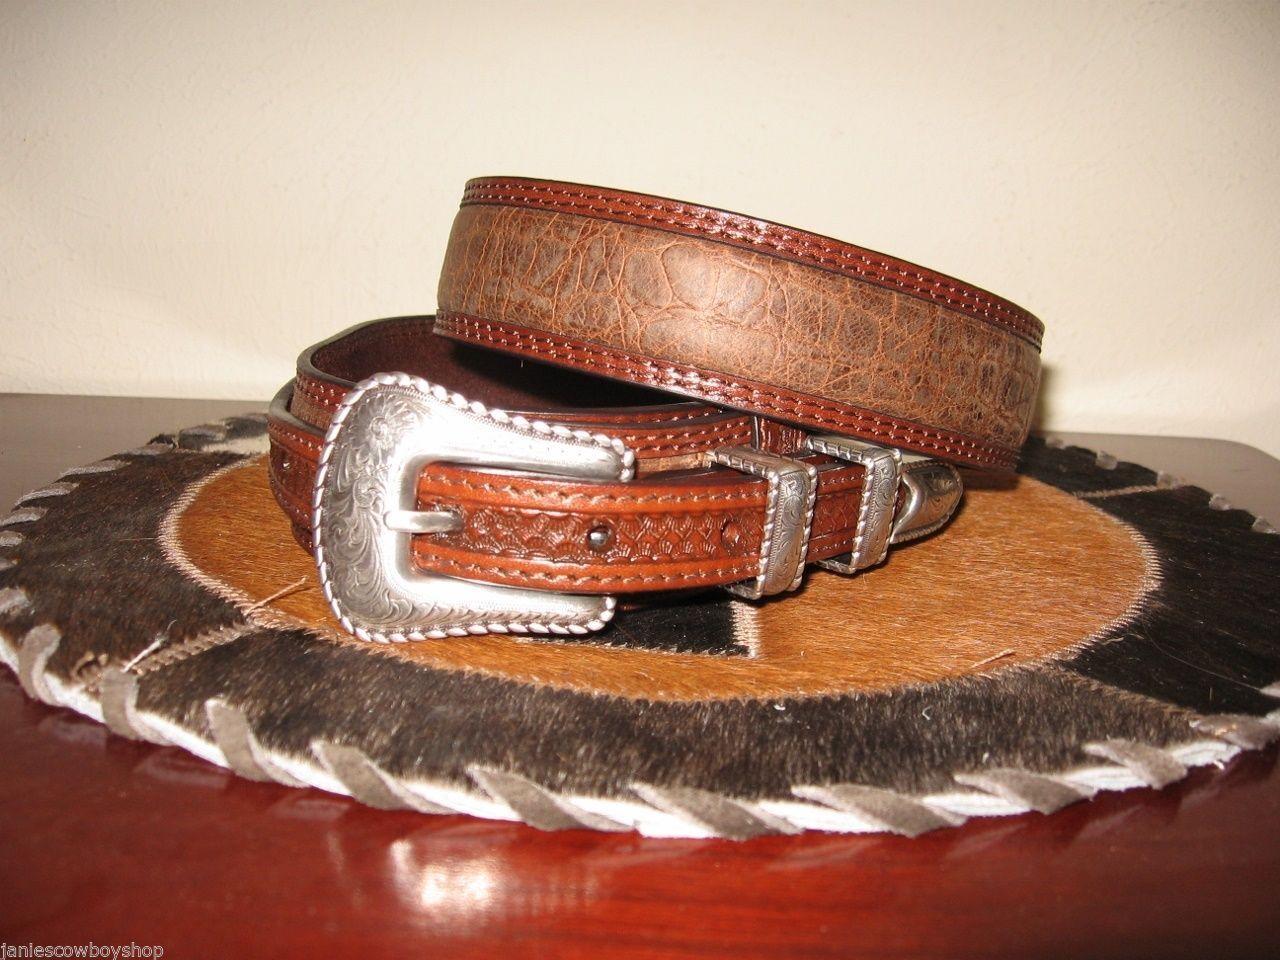 3D Original Cinturón Cuero Bullhide para hombre  occidental Ranger 1 3 8 Rodeo Cinturón Talla 34  Venta en línea precio bajo descuento